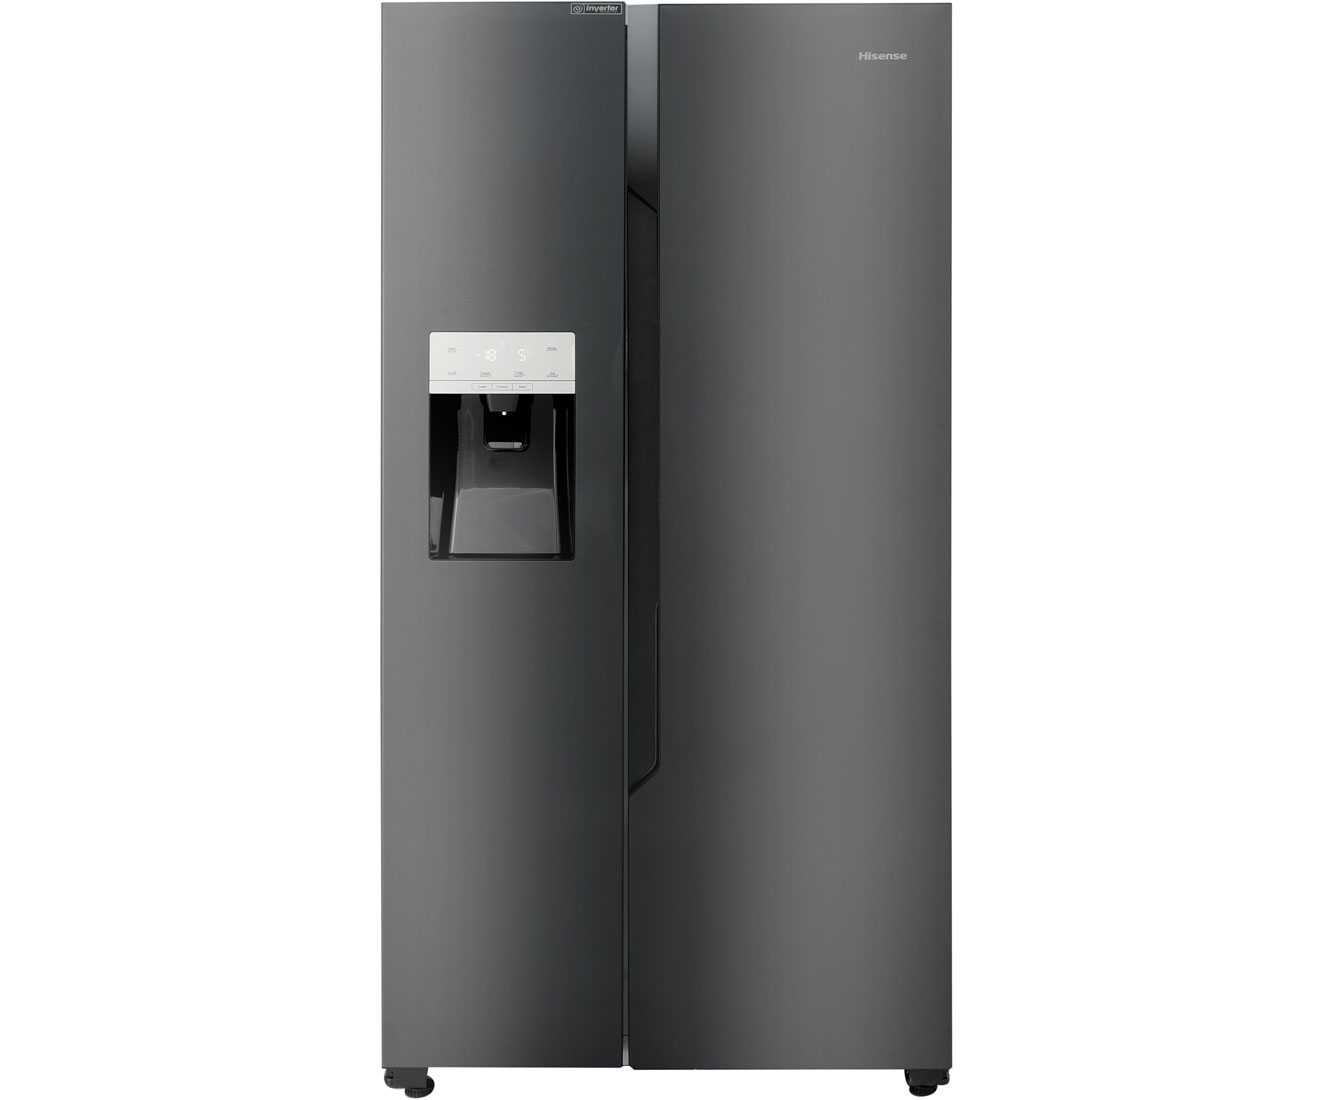 Side By Side Kühlschrank Hisense : Rabatt preisvergleich.de haushaltsgeräte u003e kühlen & gefrieren